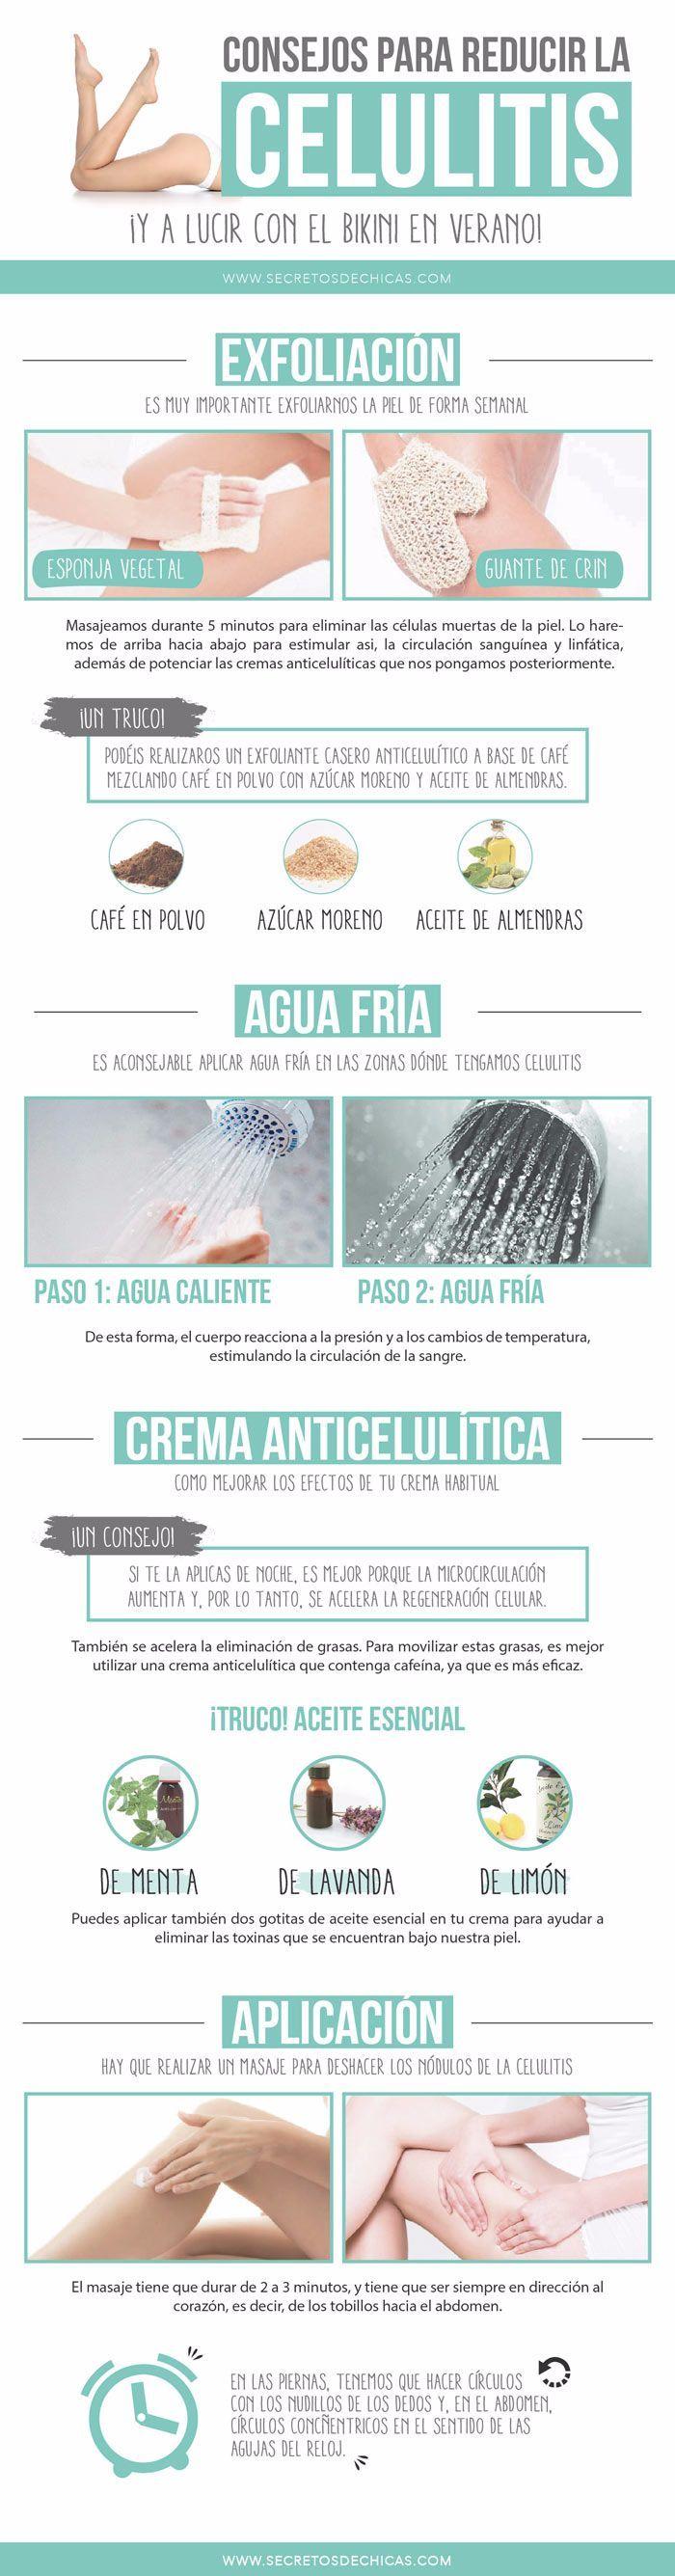 Interesantes consejos para retrasar la aparición de la celulitis y reducir su apariencia. #celulitis #infografia #belleza